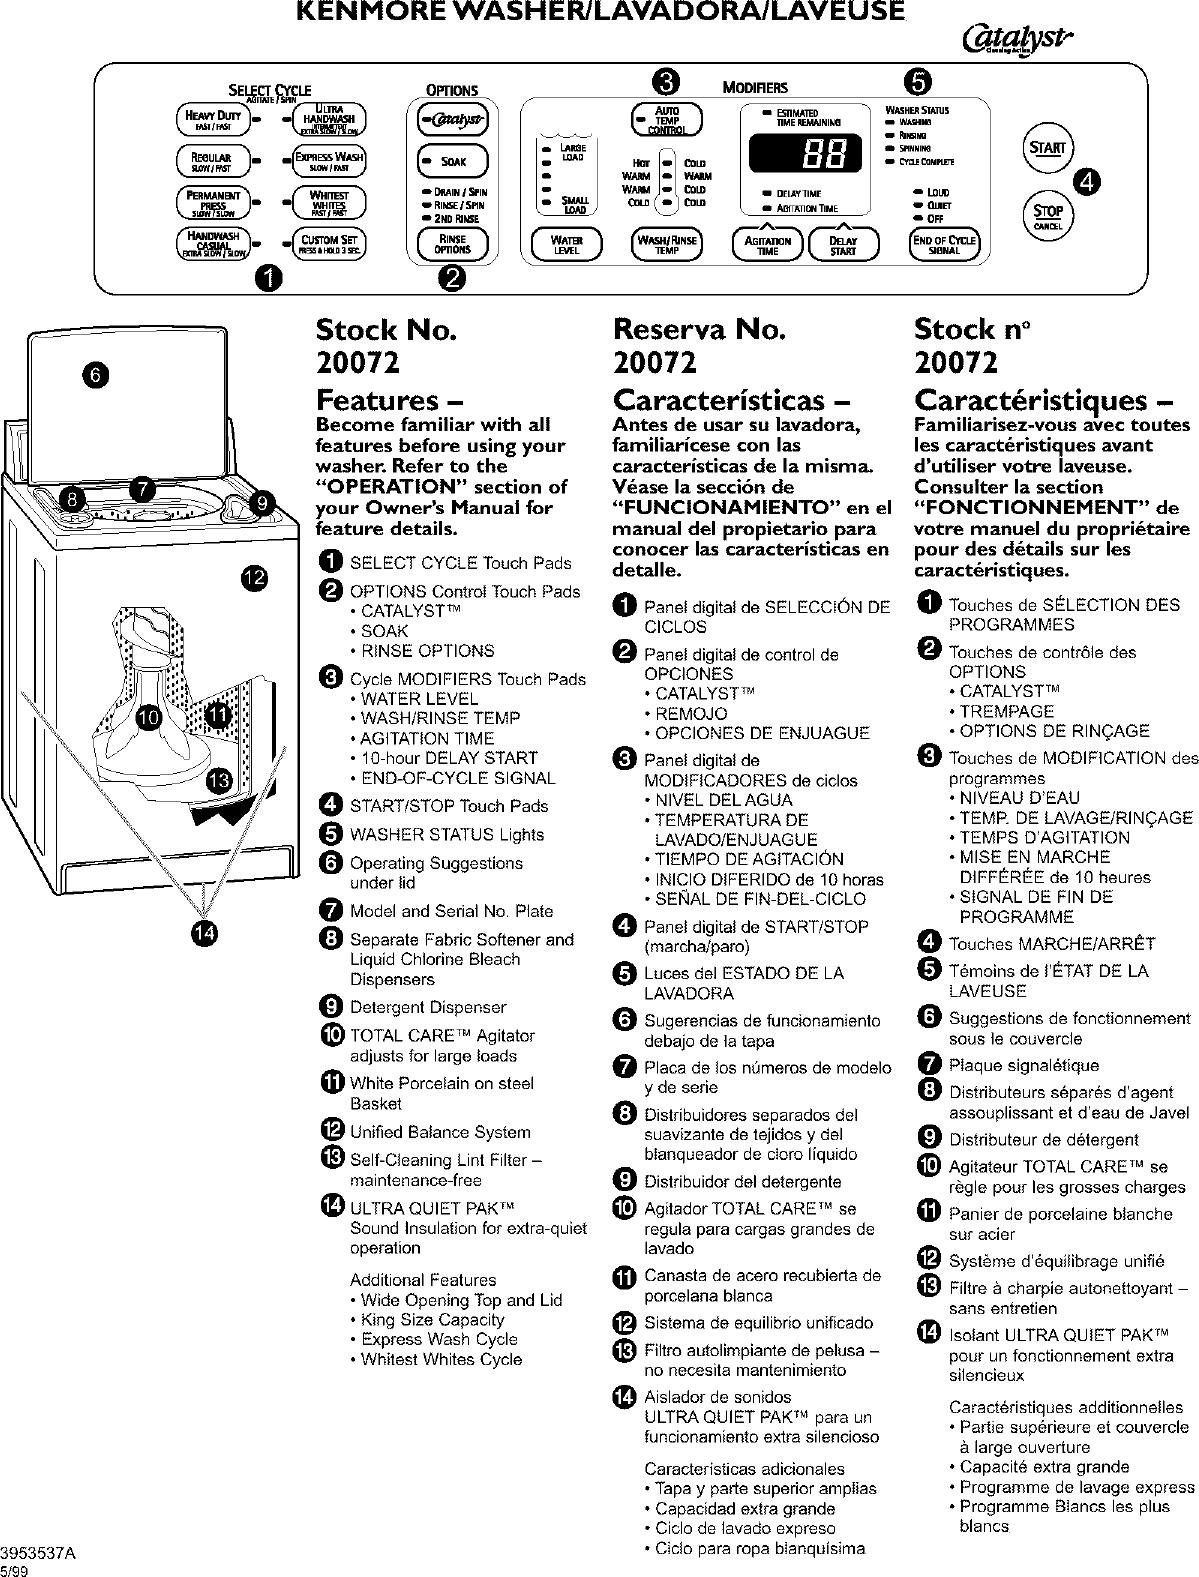 Kenmore elite coldspot model 106 owners manual.